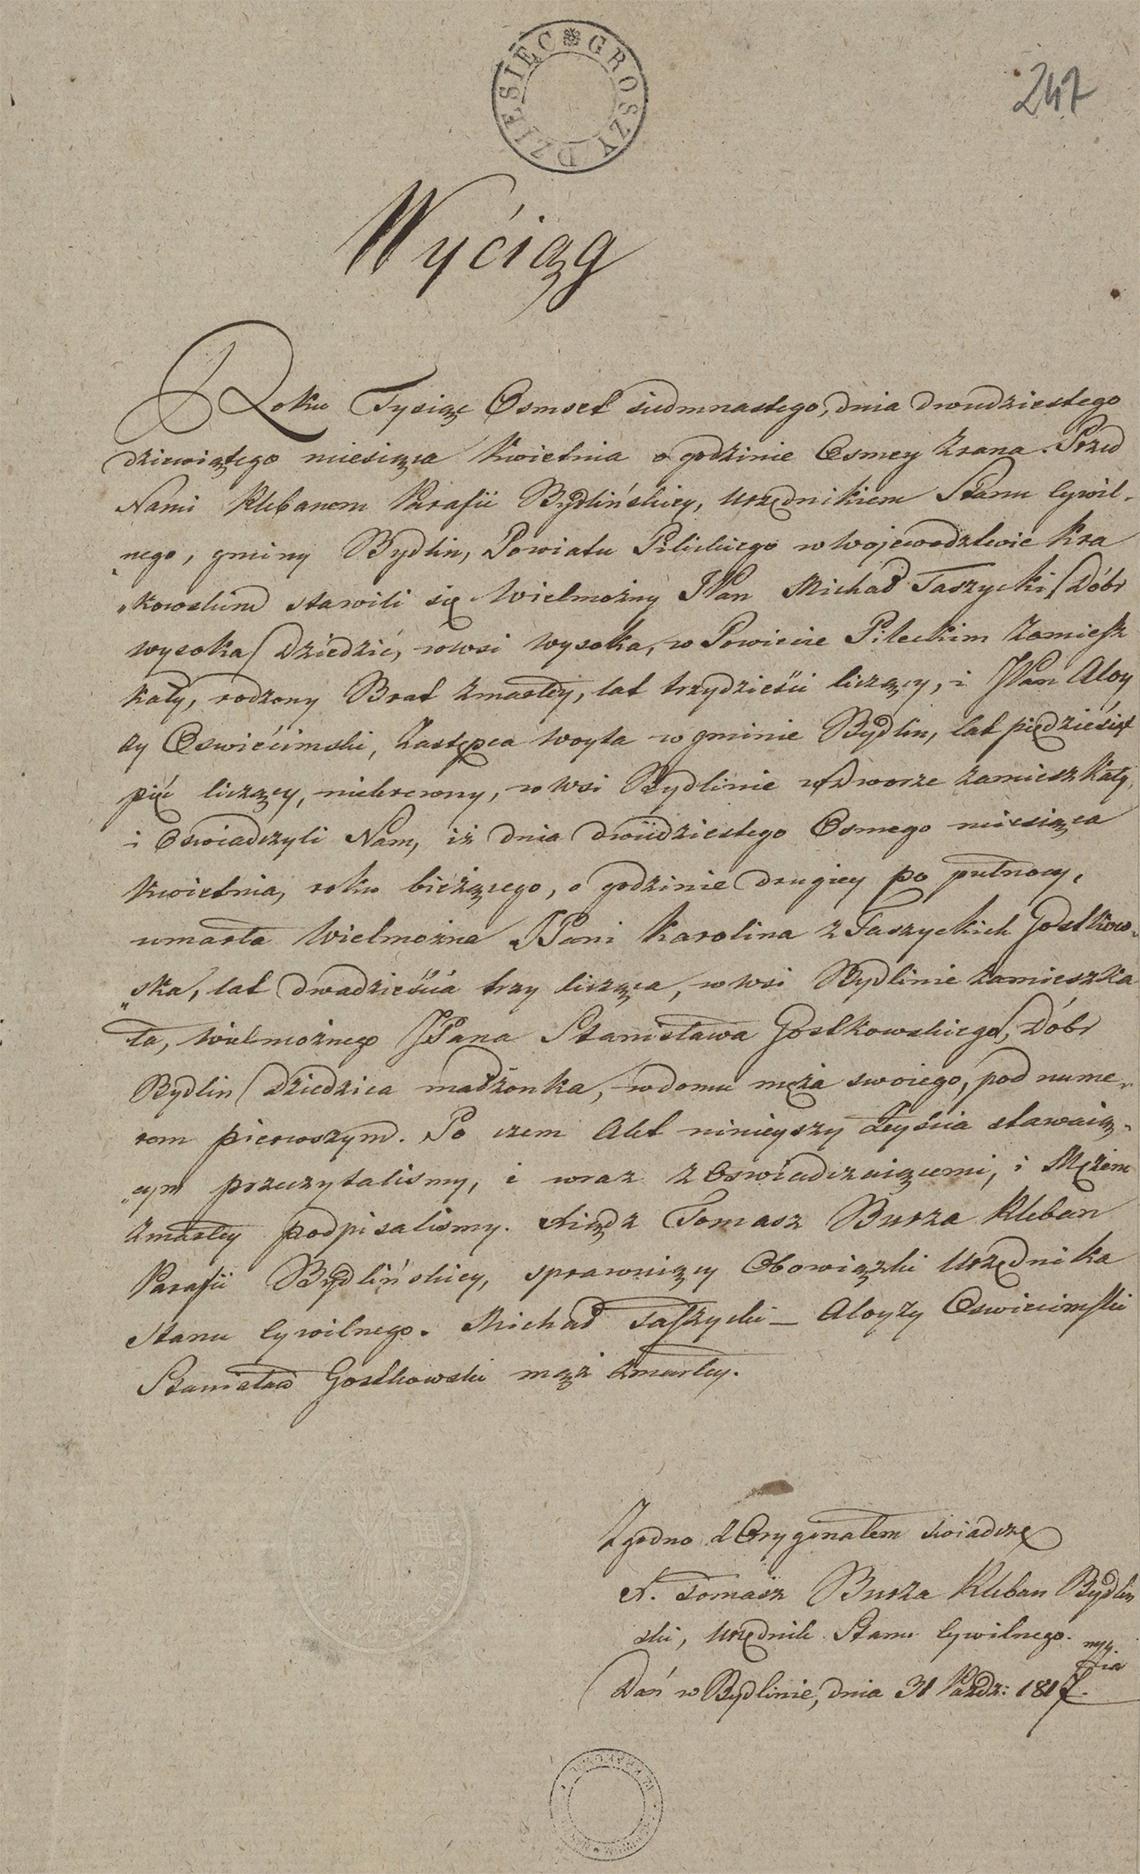 Alegaty do małżeństwa Stanisław Gostkowski & Martyna Apolonia Cieński (03.11.1817 r.) (3)